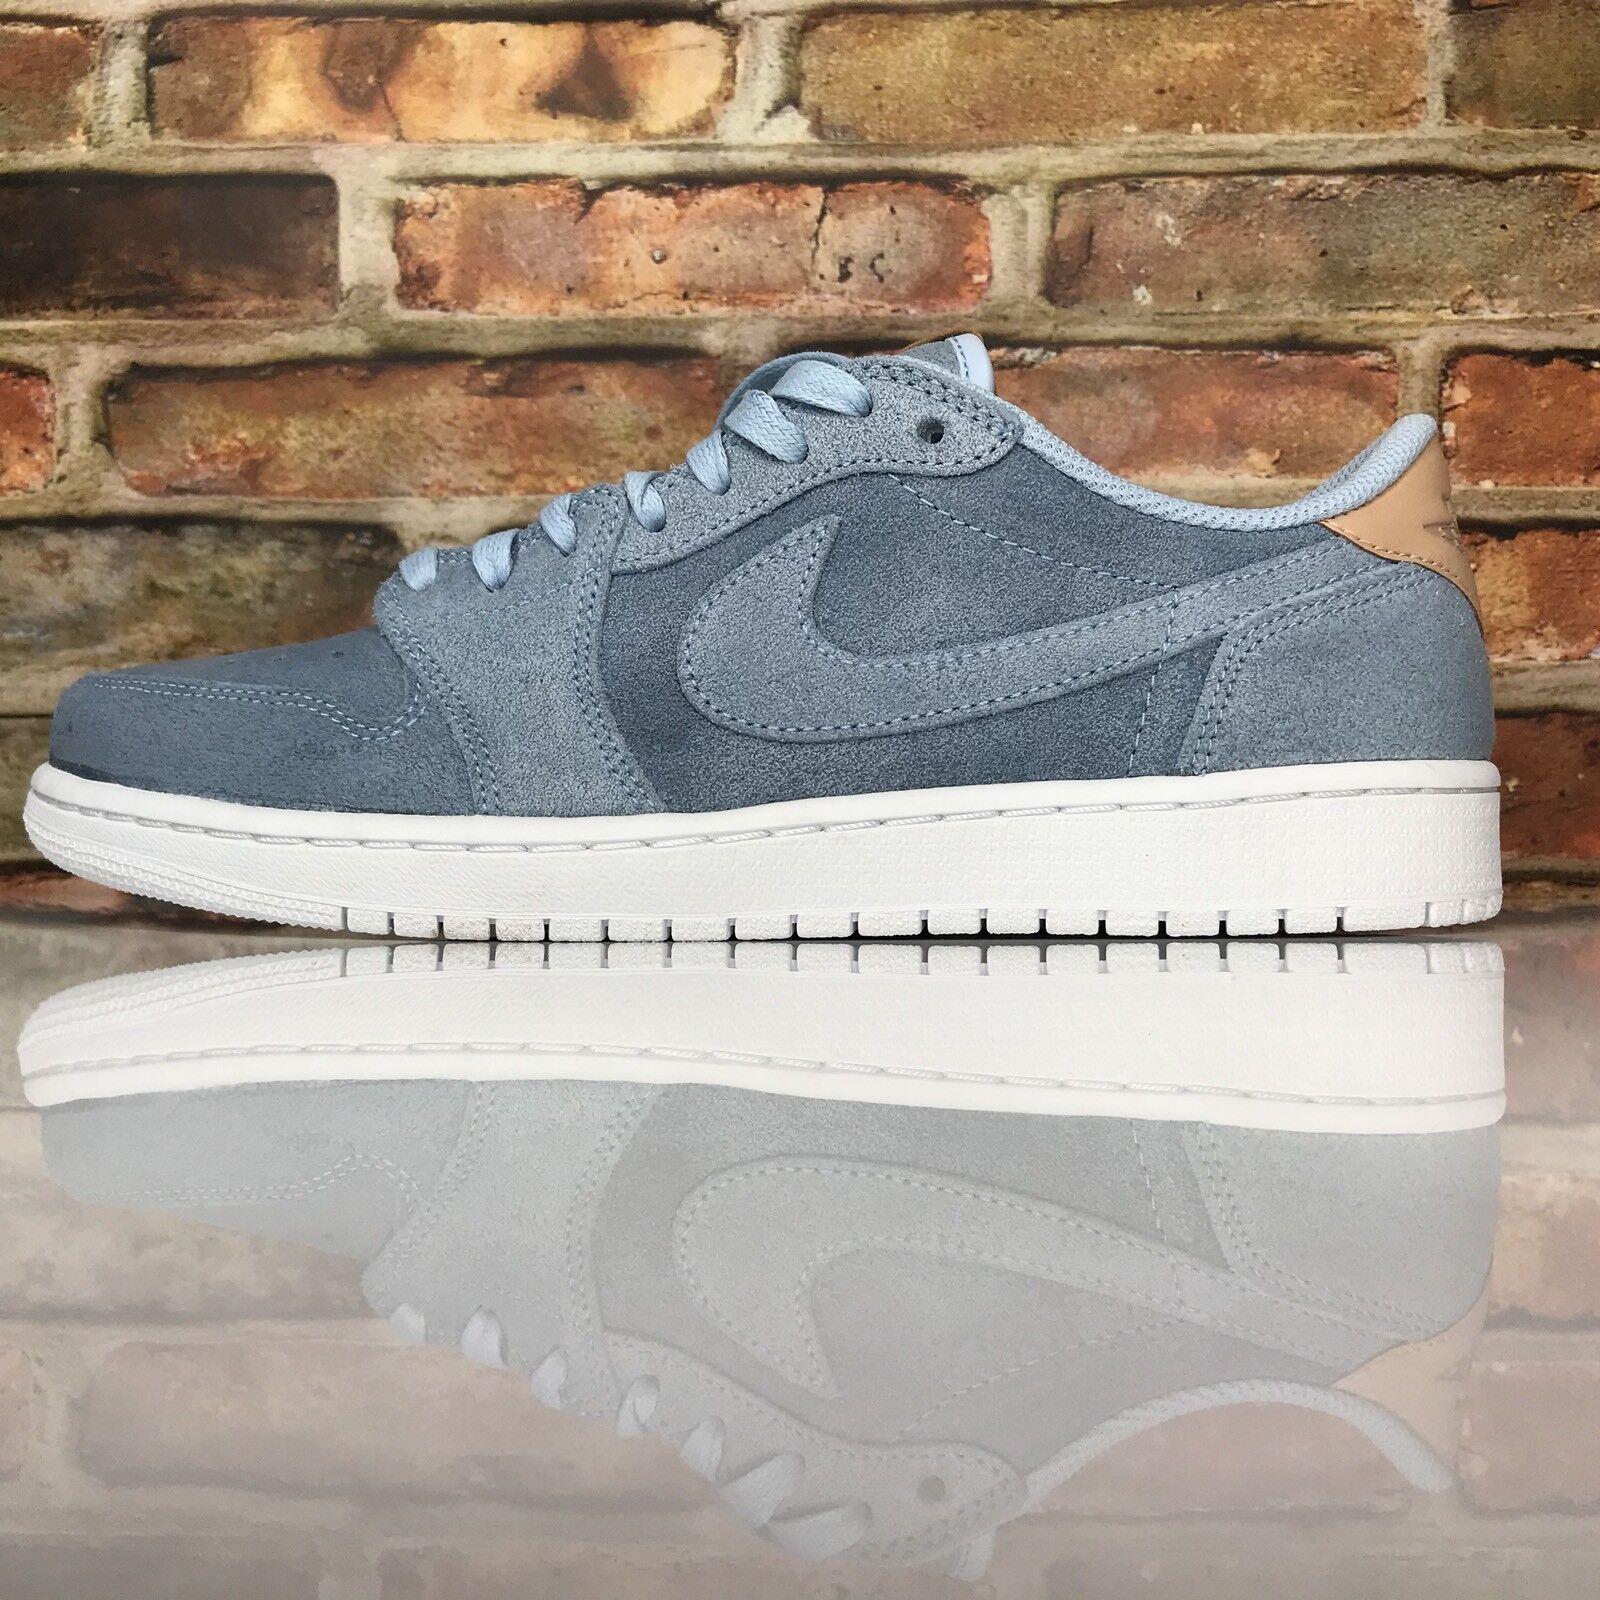 Luft Jordan 1 Retro Niedrig Og Premium Herren Größe 10 Eisblau Hellbraun Schuhe